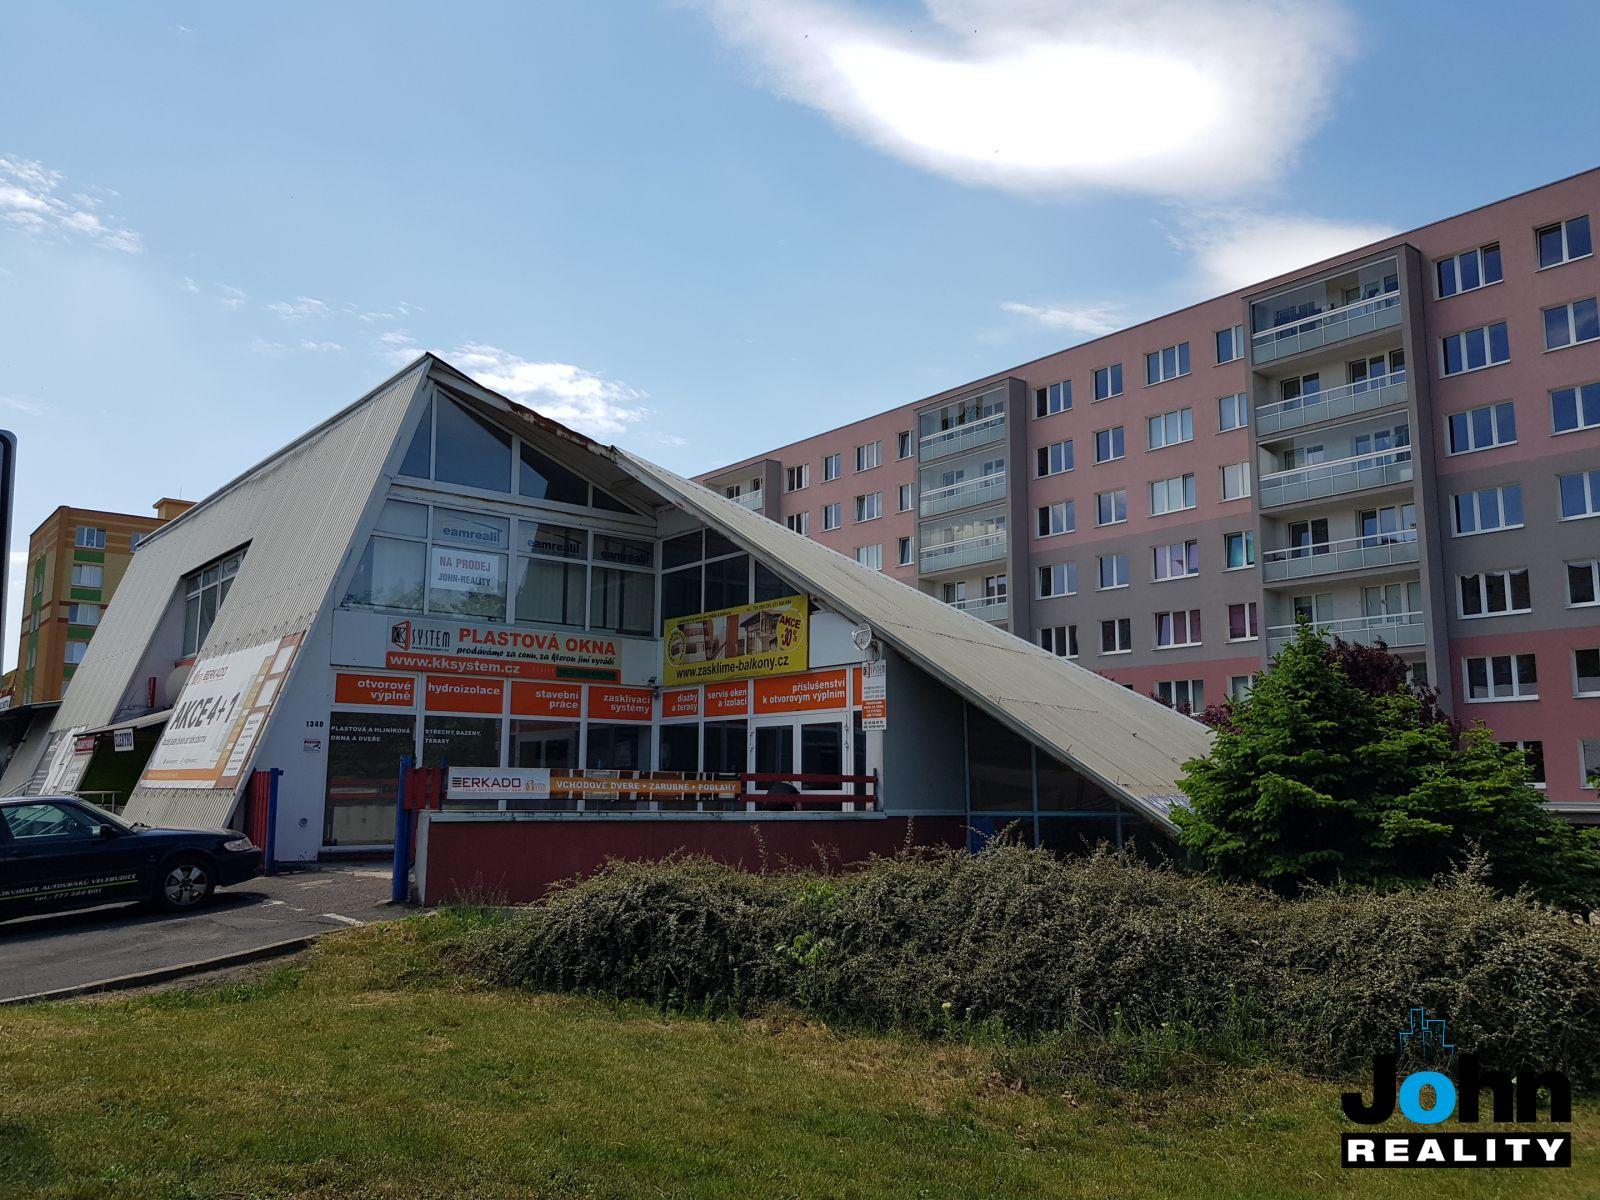 Pronájem obchodního prostoru 170 m2 v Mostě U Mamuta, ul.Česká